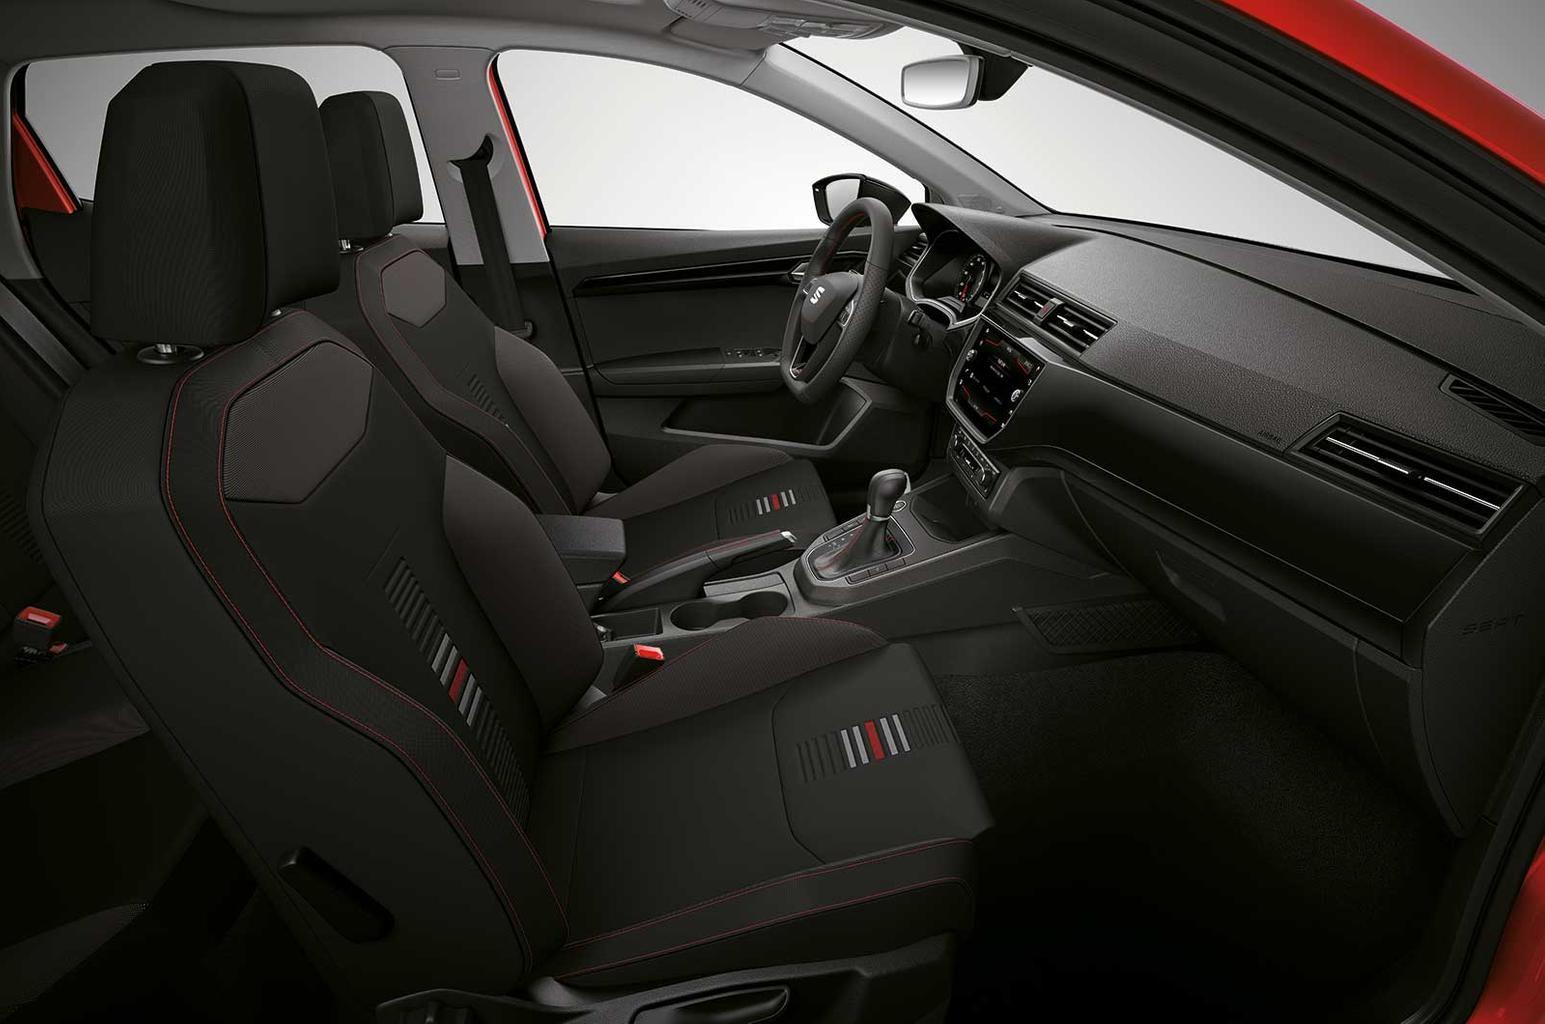 2017 Seat Ibiza revealed